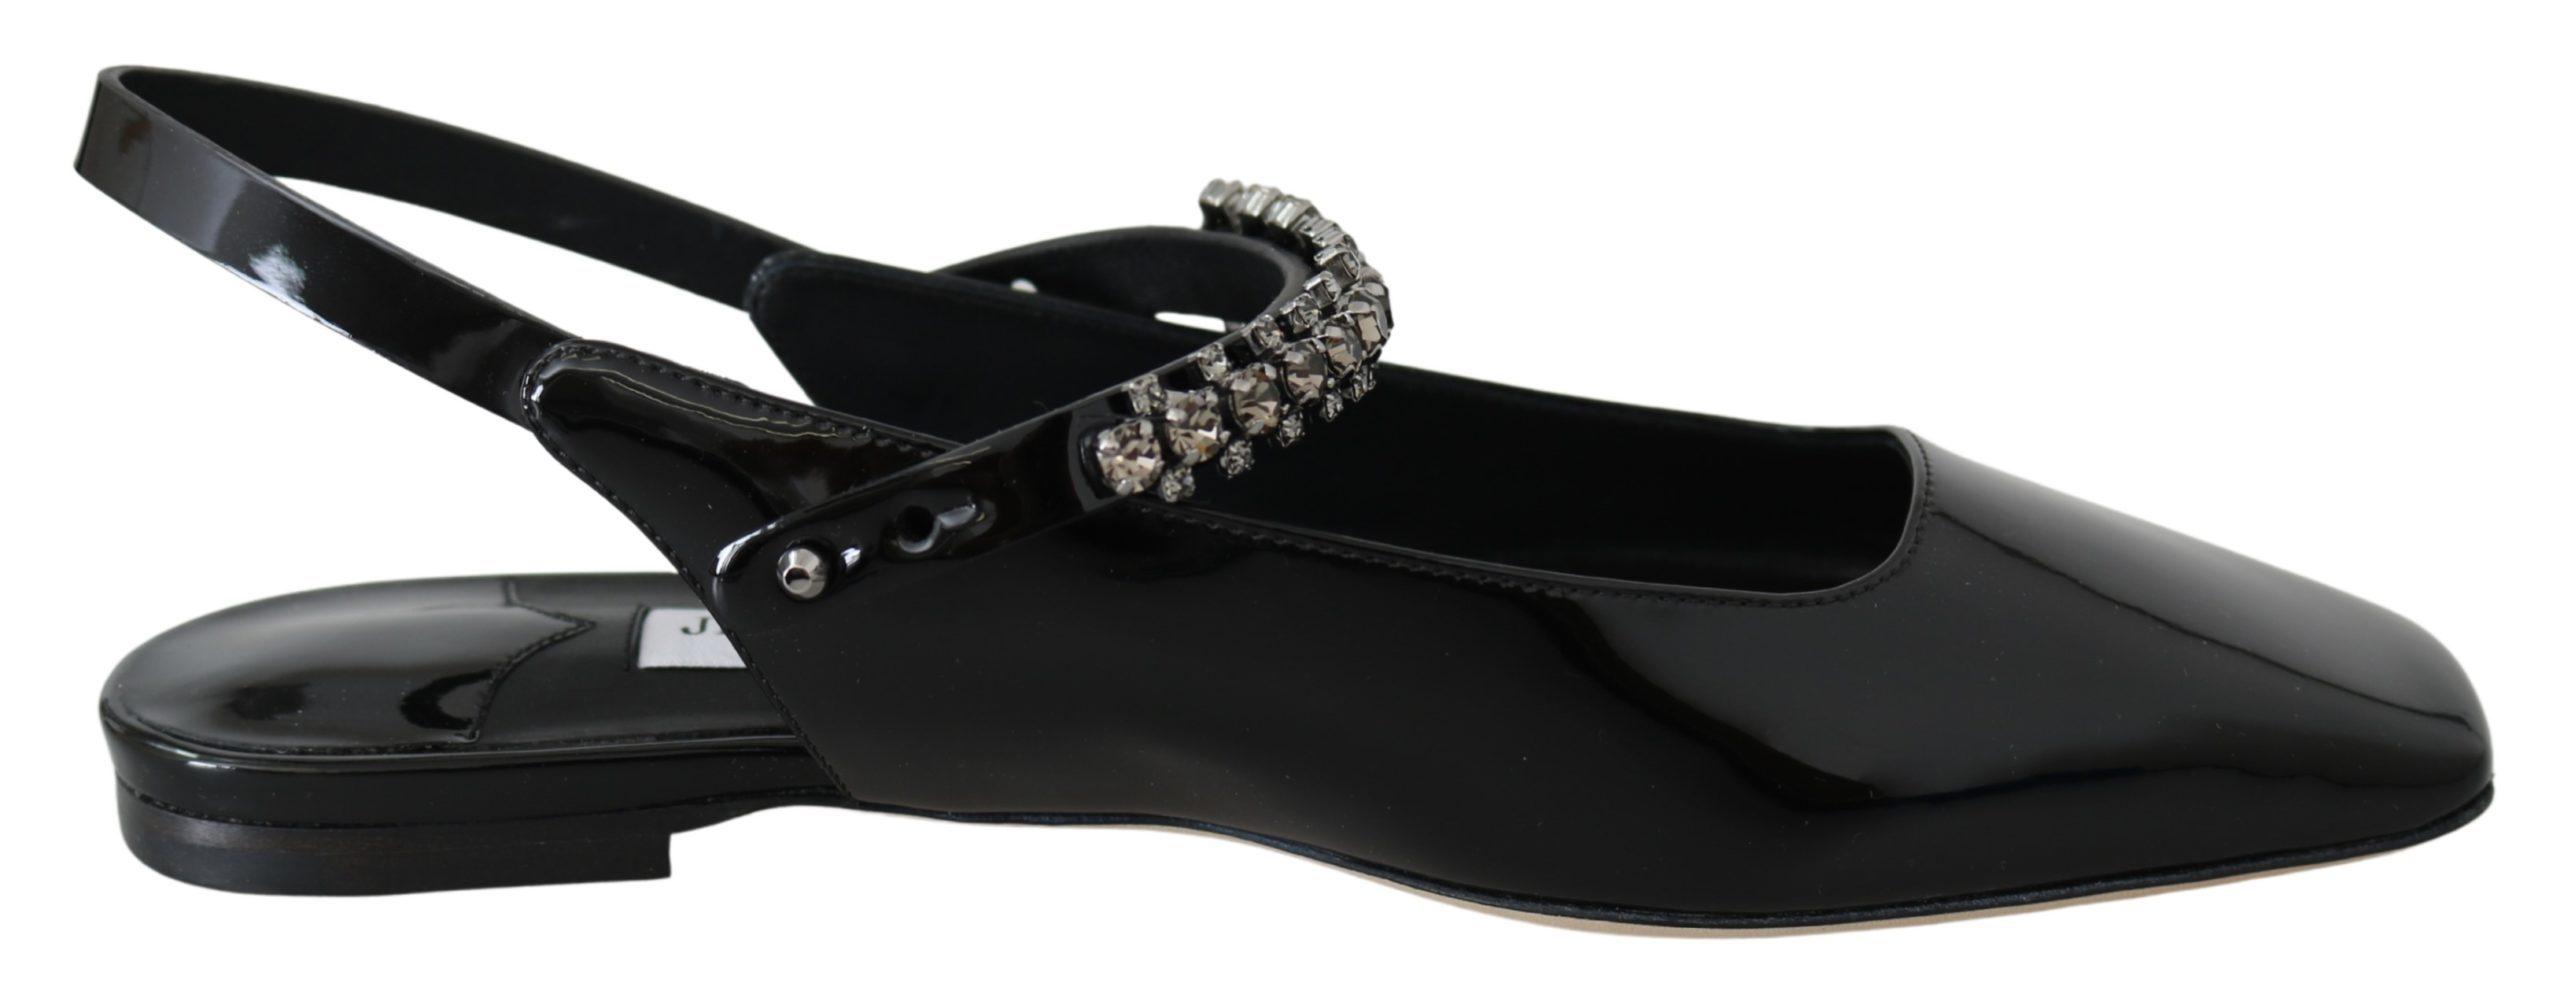 Jimmy Choo Women's Mahdis Flat Shoes Black 192954629175 - EU36.5/US6.5